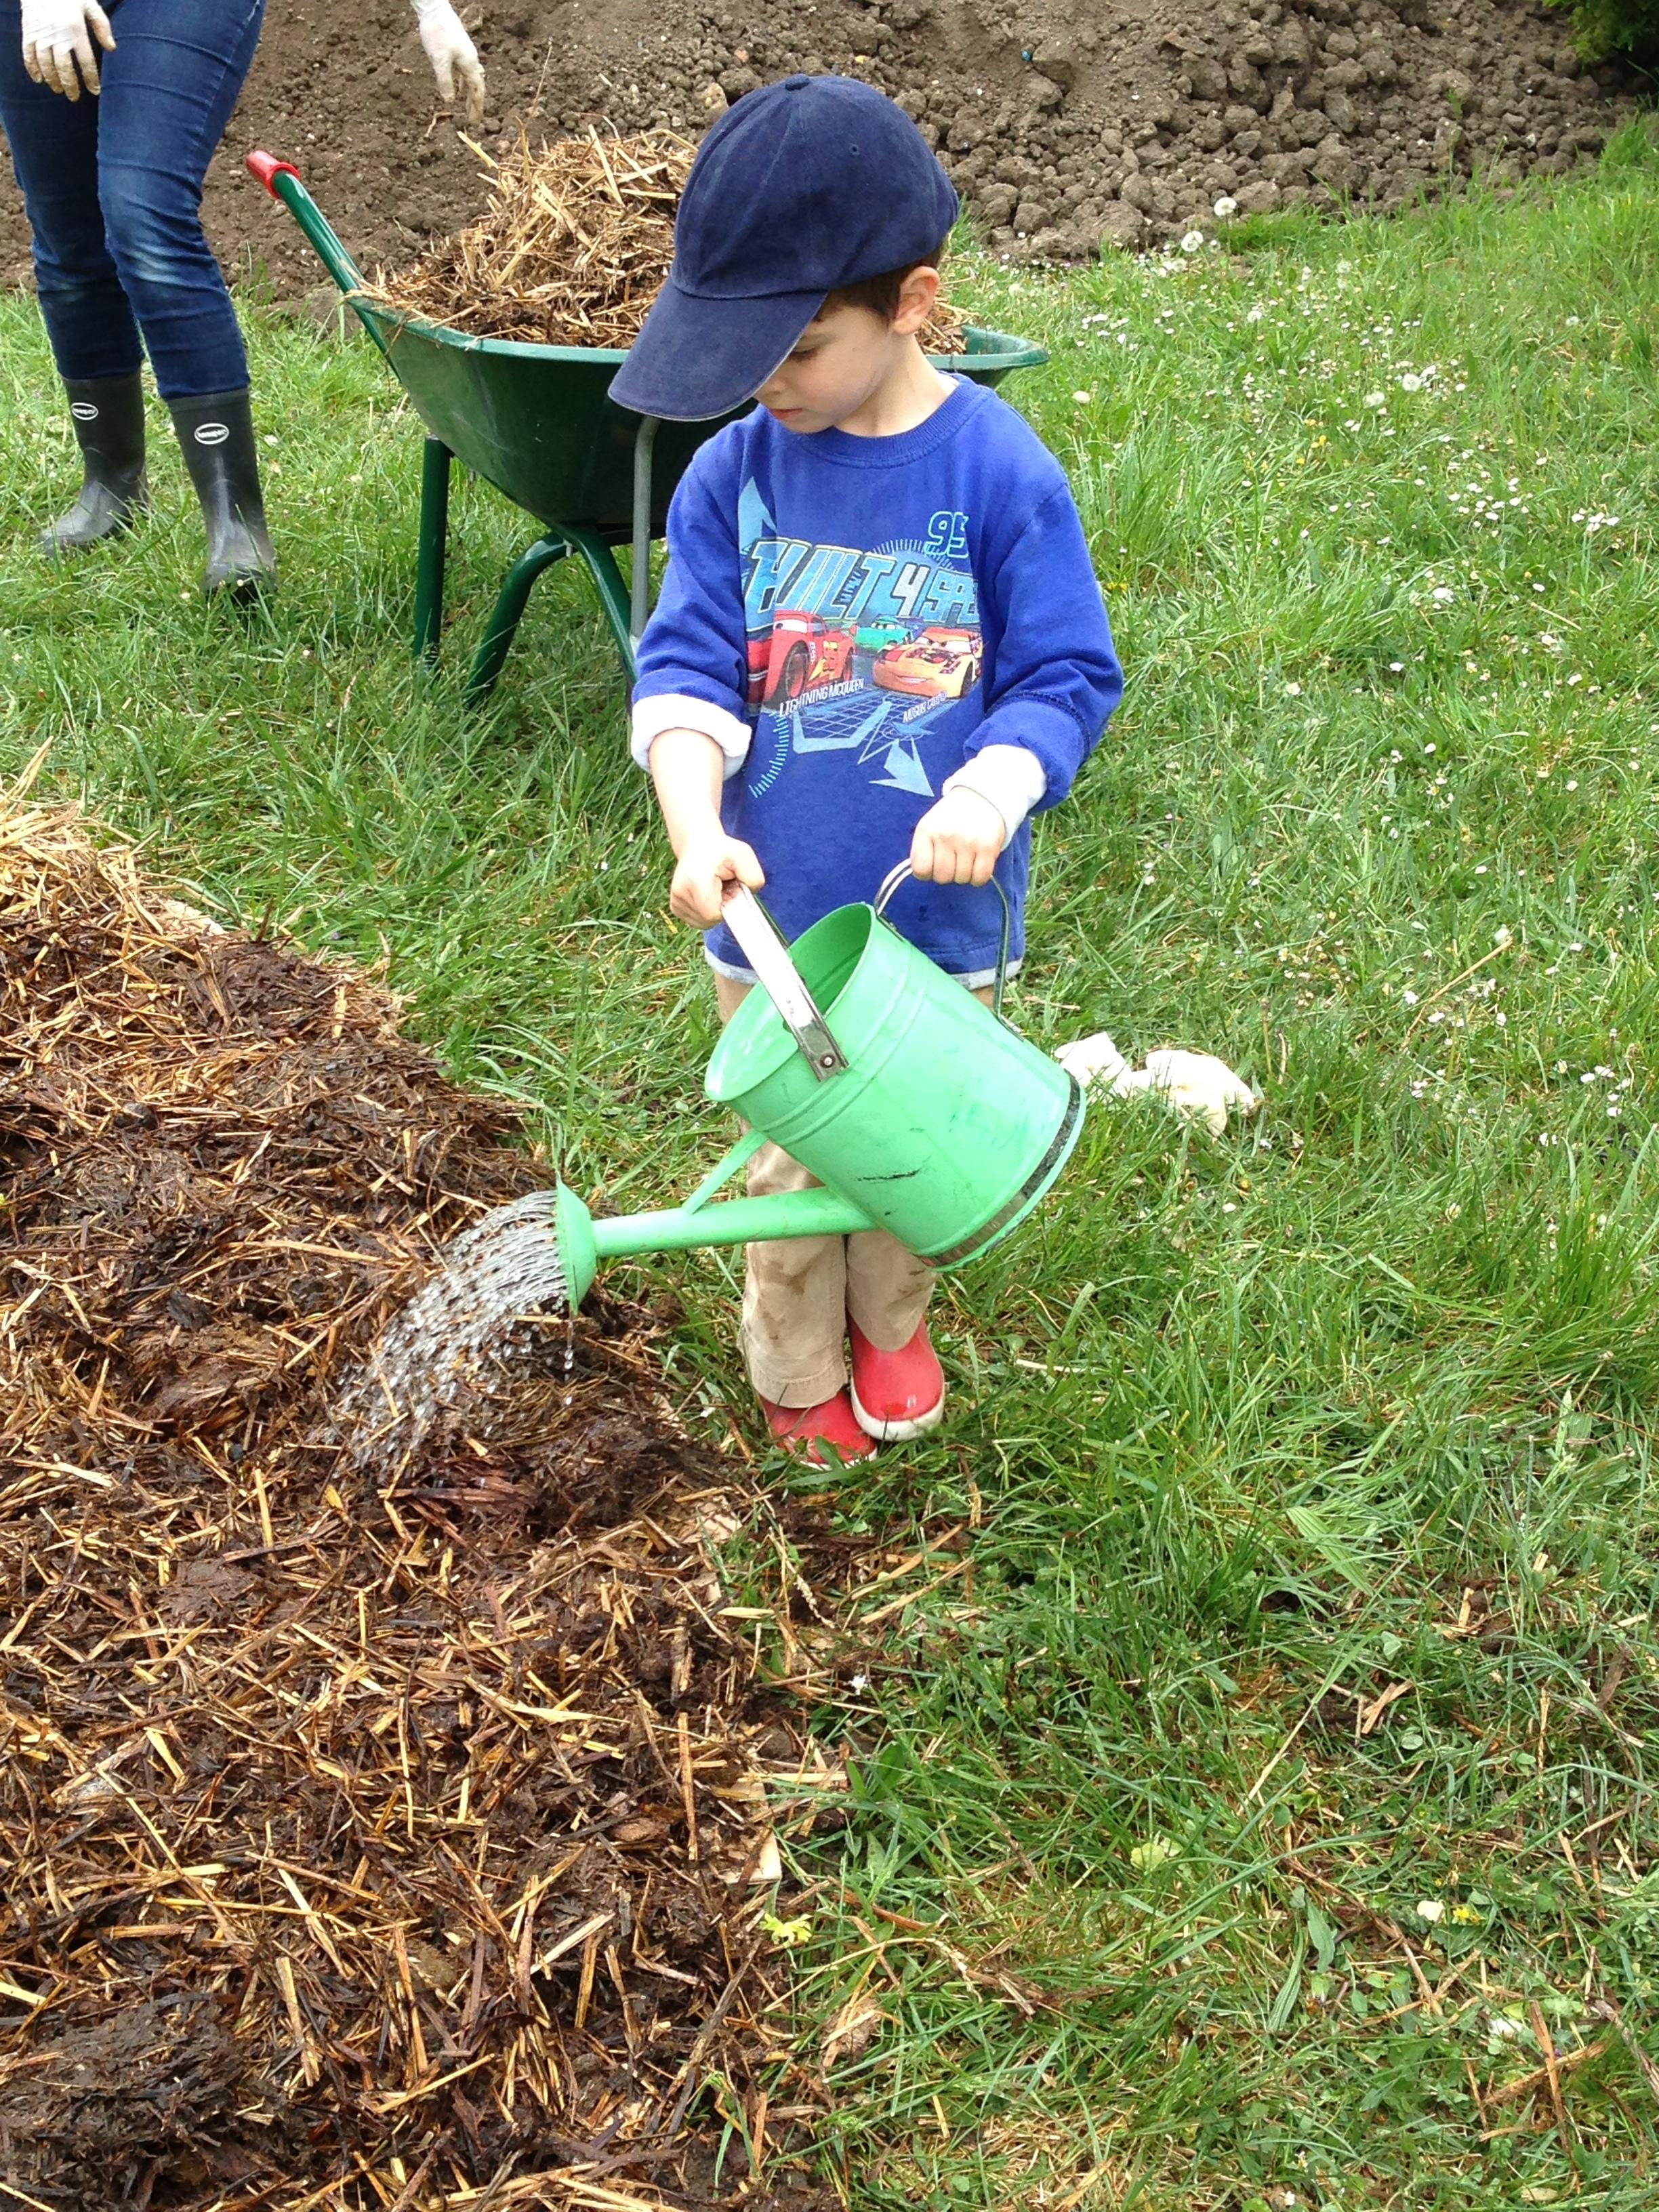 enfant_jardinage.jpg